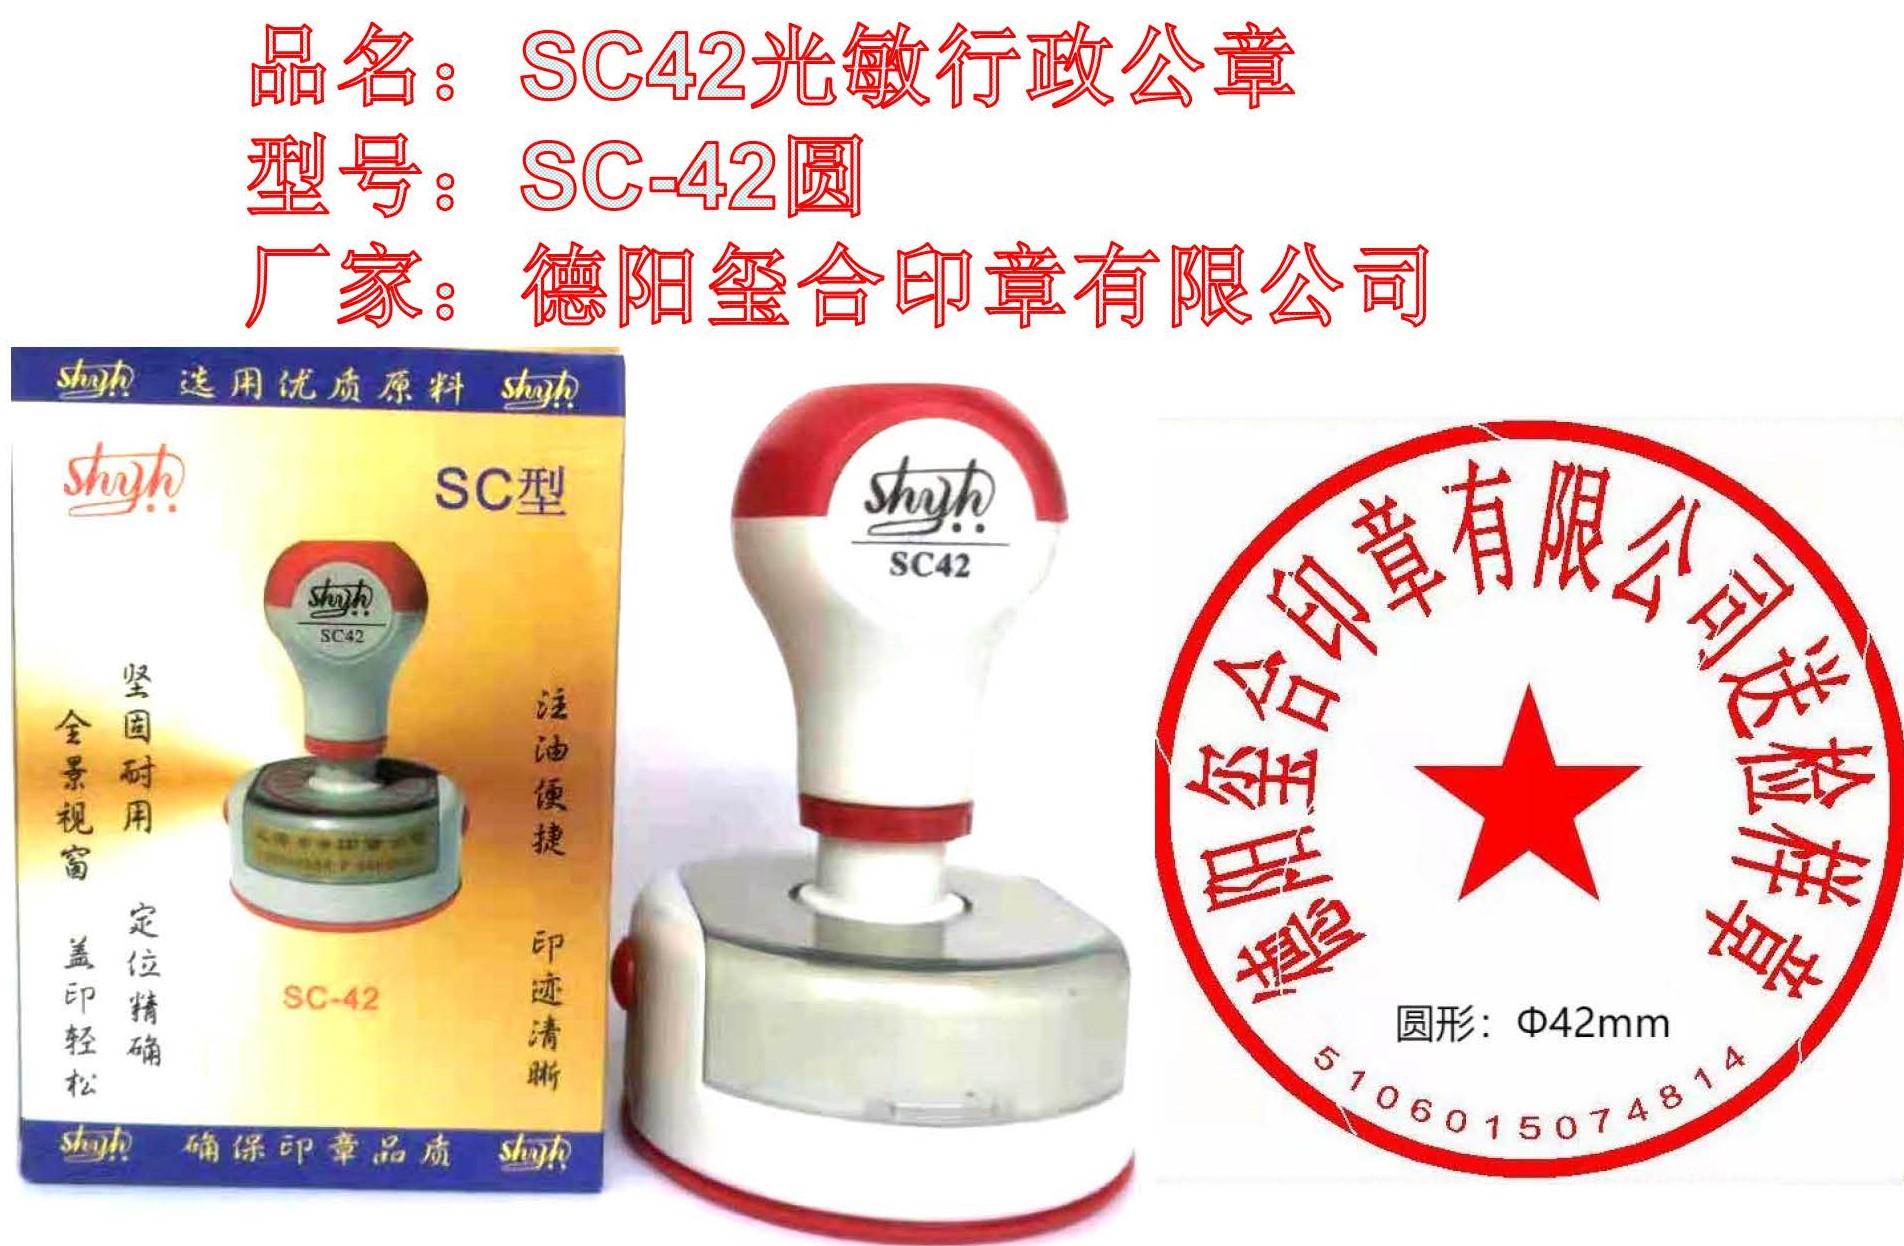 中江已成立的企业申请刻制专用章需持材料